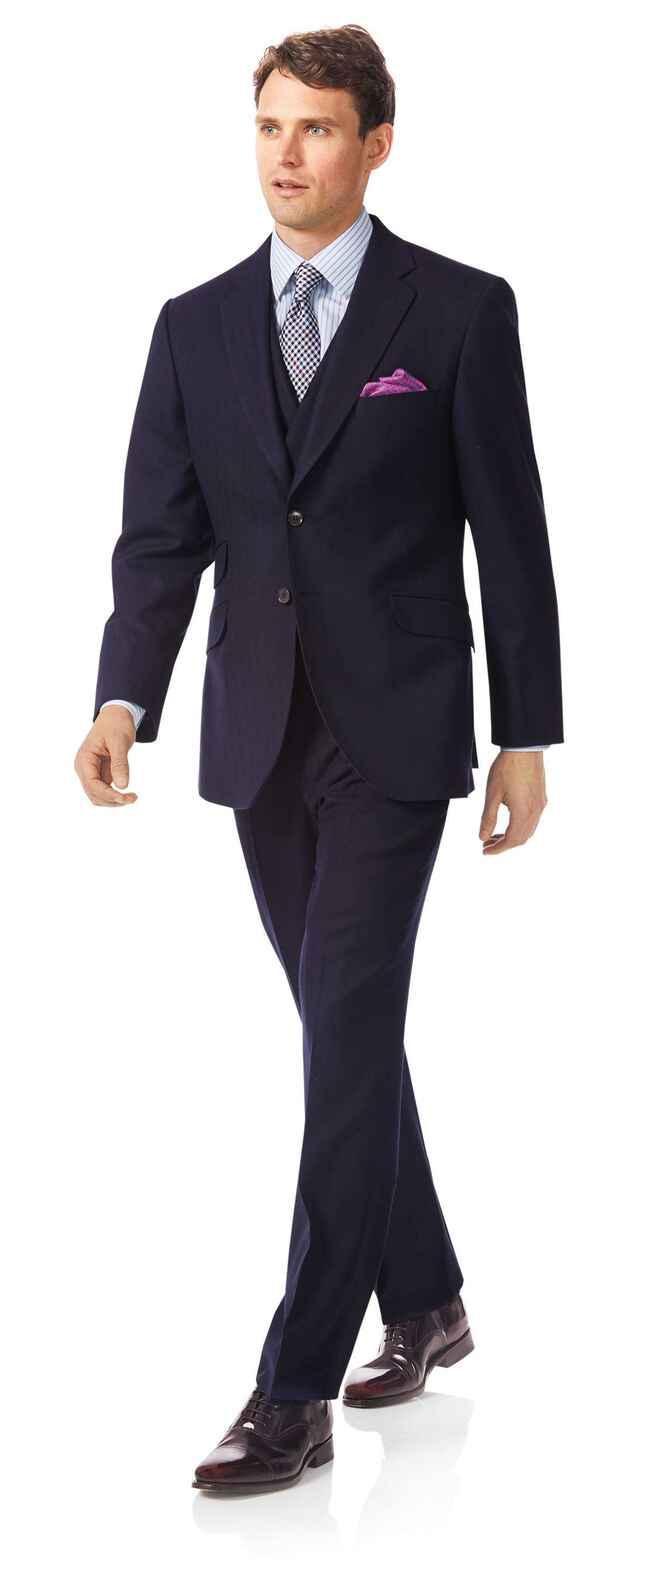 Navy classic fit British luxury suit